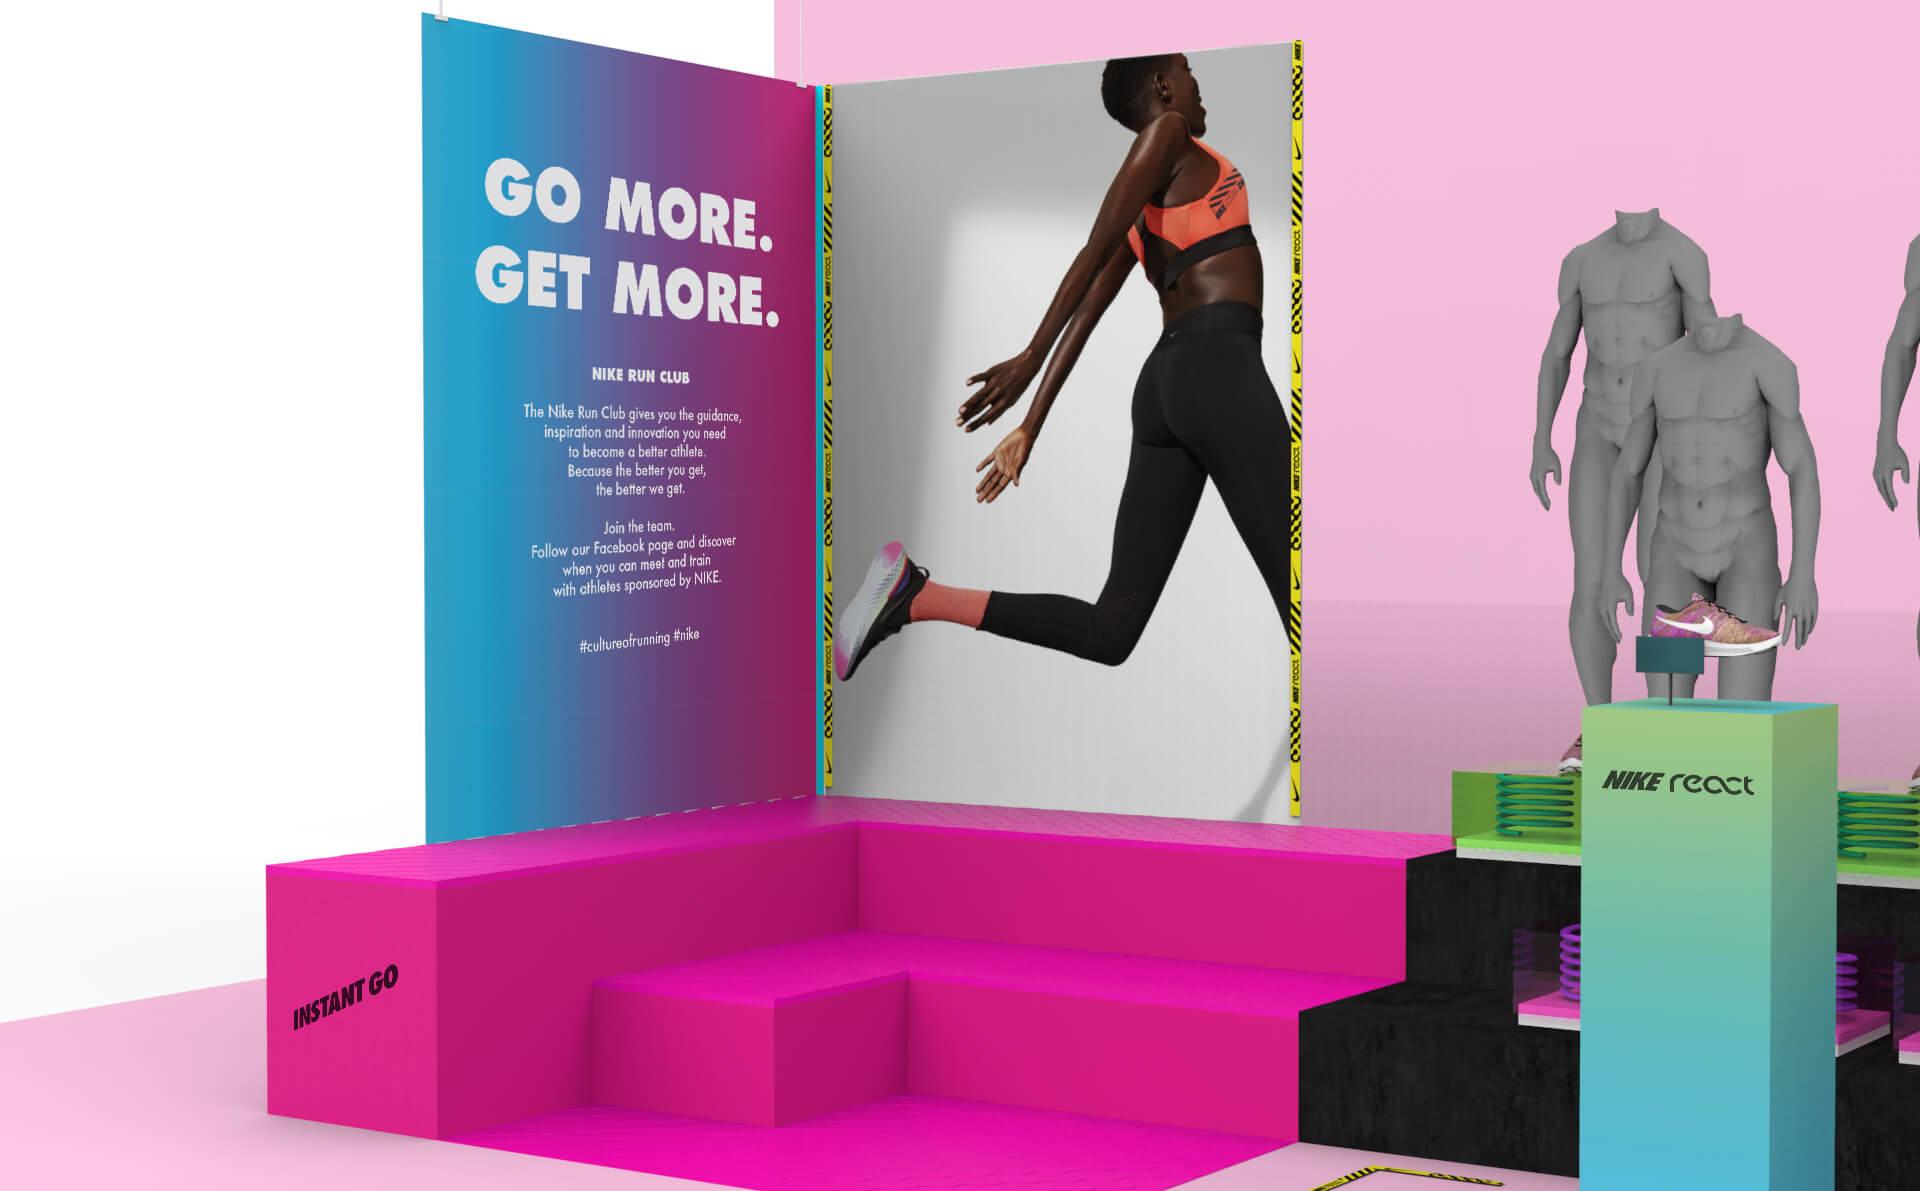 dinámica Correo Tranquilidad  Nike React SP 2019 - Proposal • Hola Studio